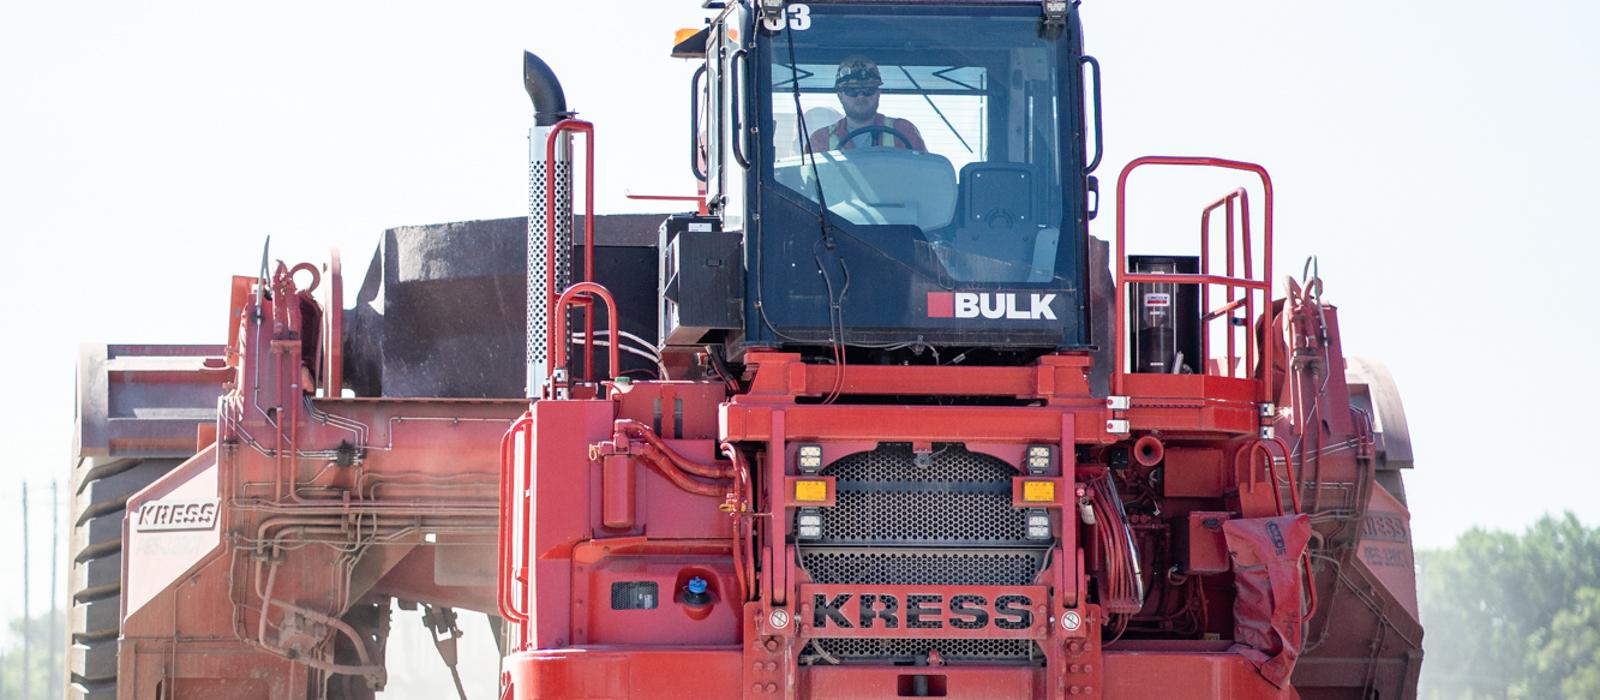 Bulk Employee Operating Kress Pot Carrier